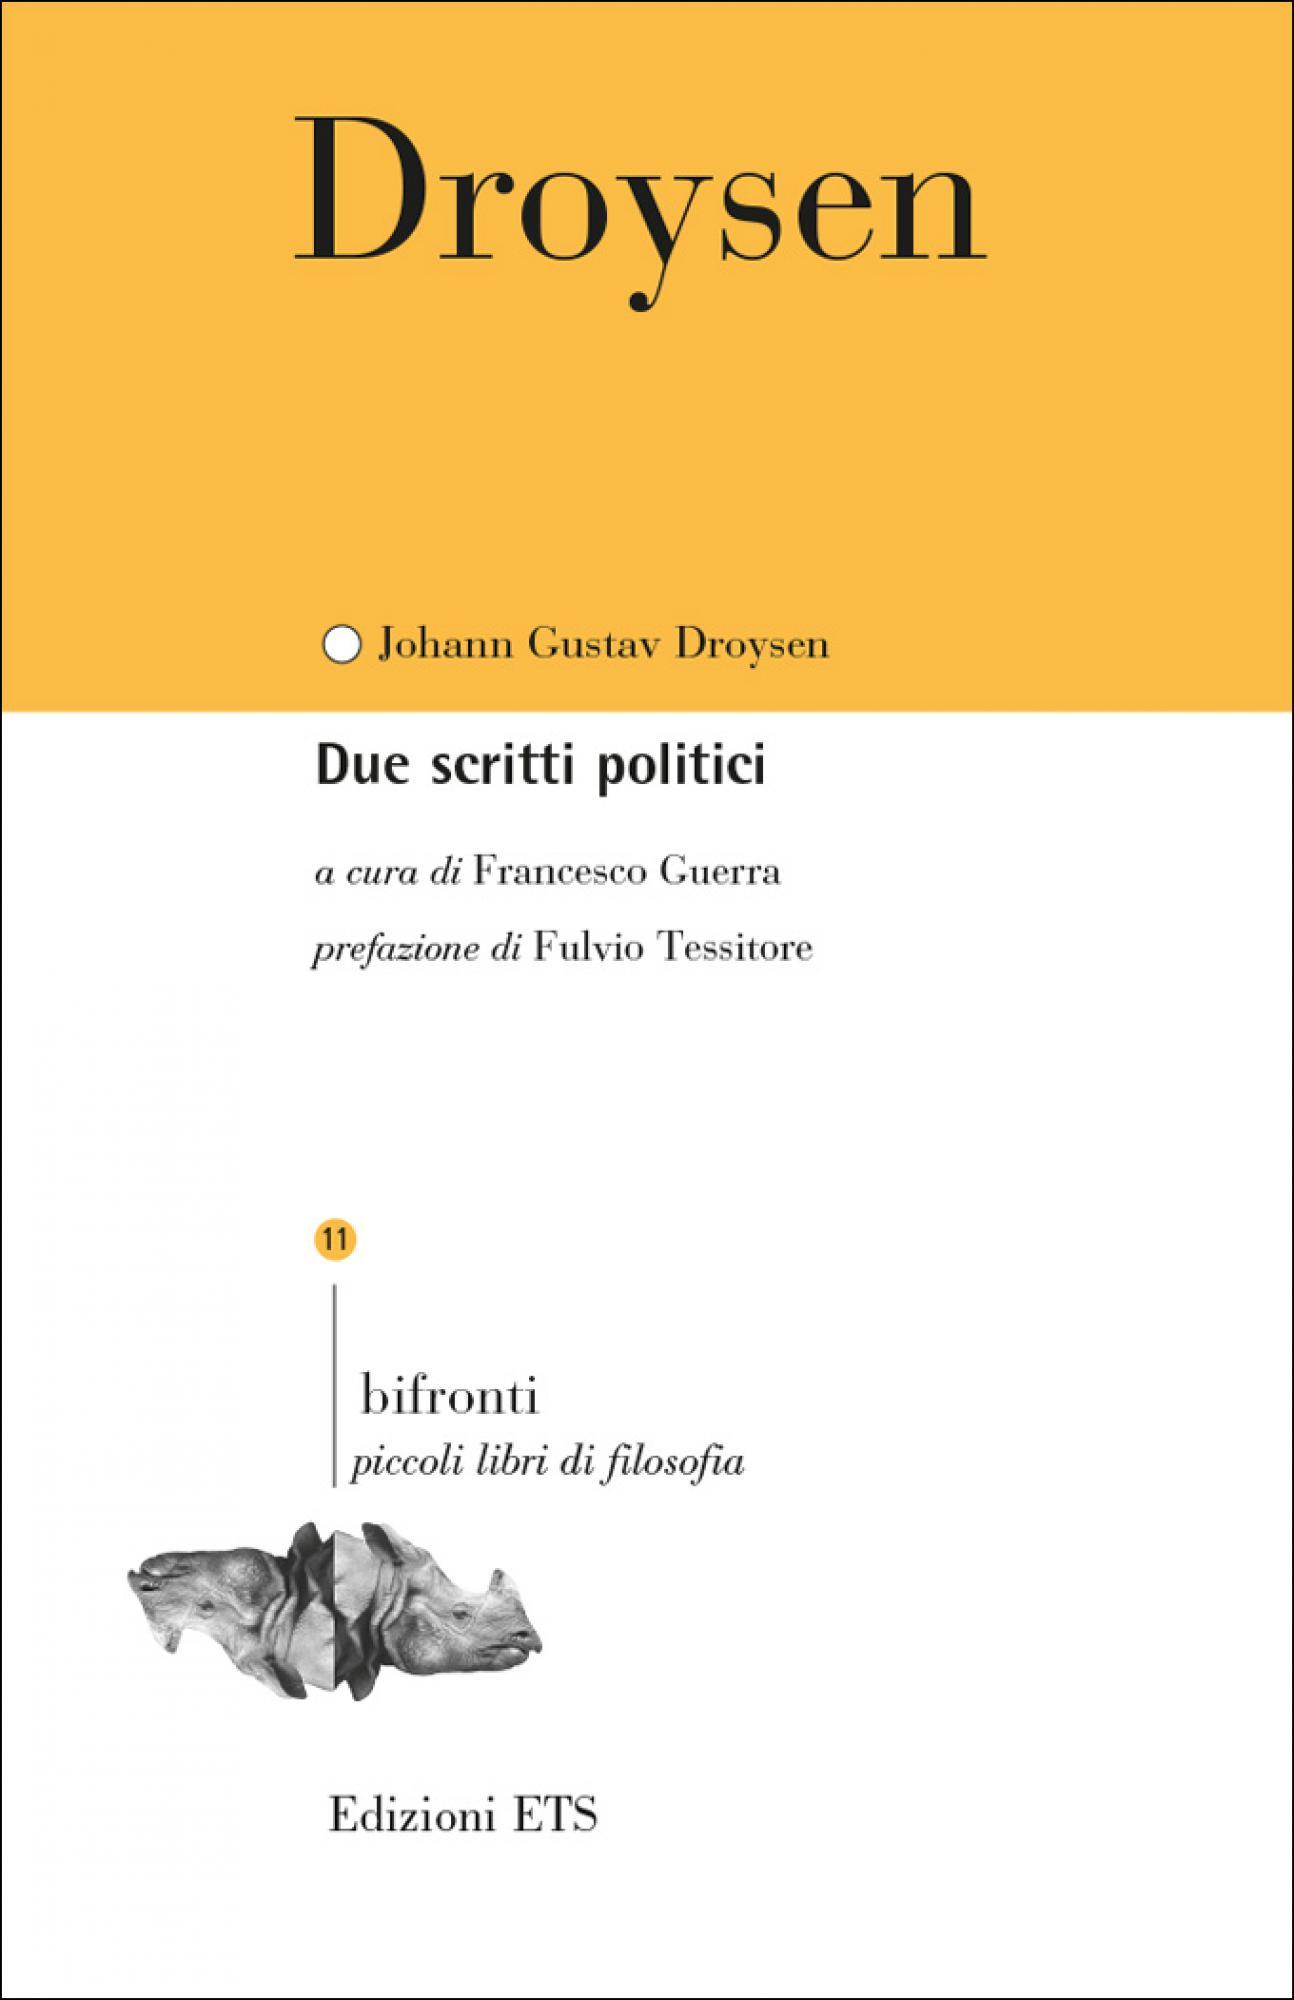 Due scritti politici